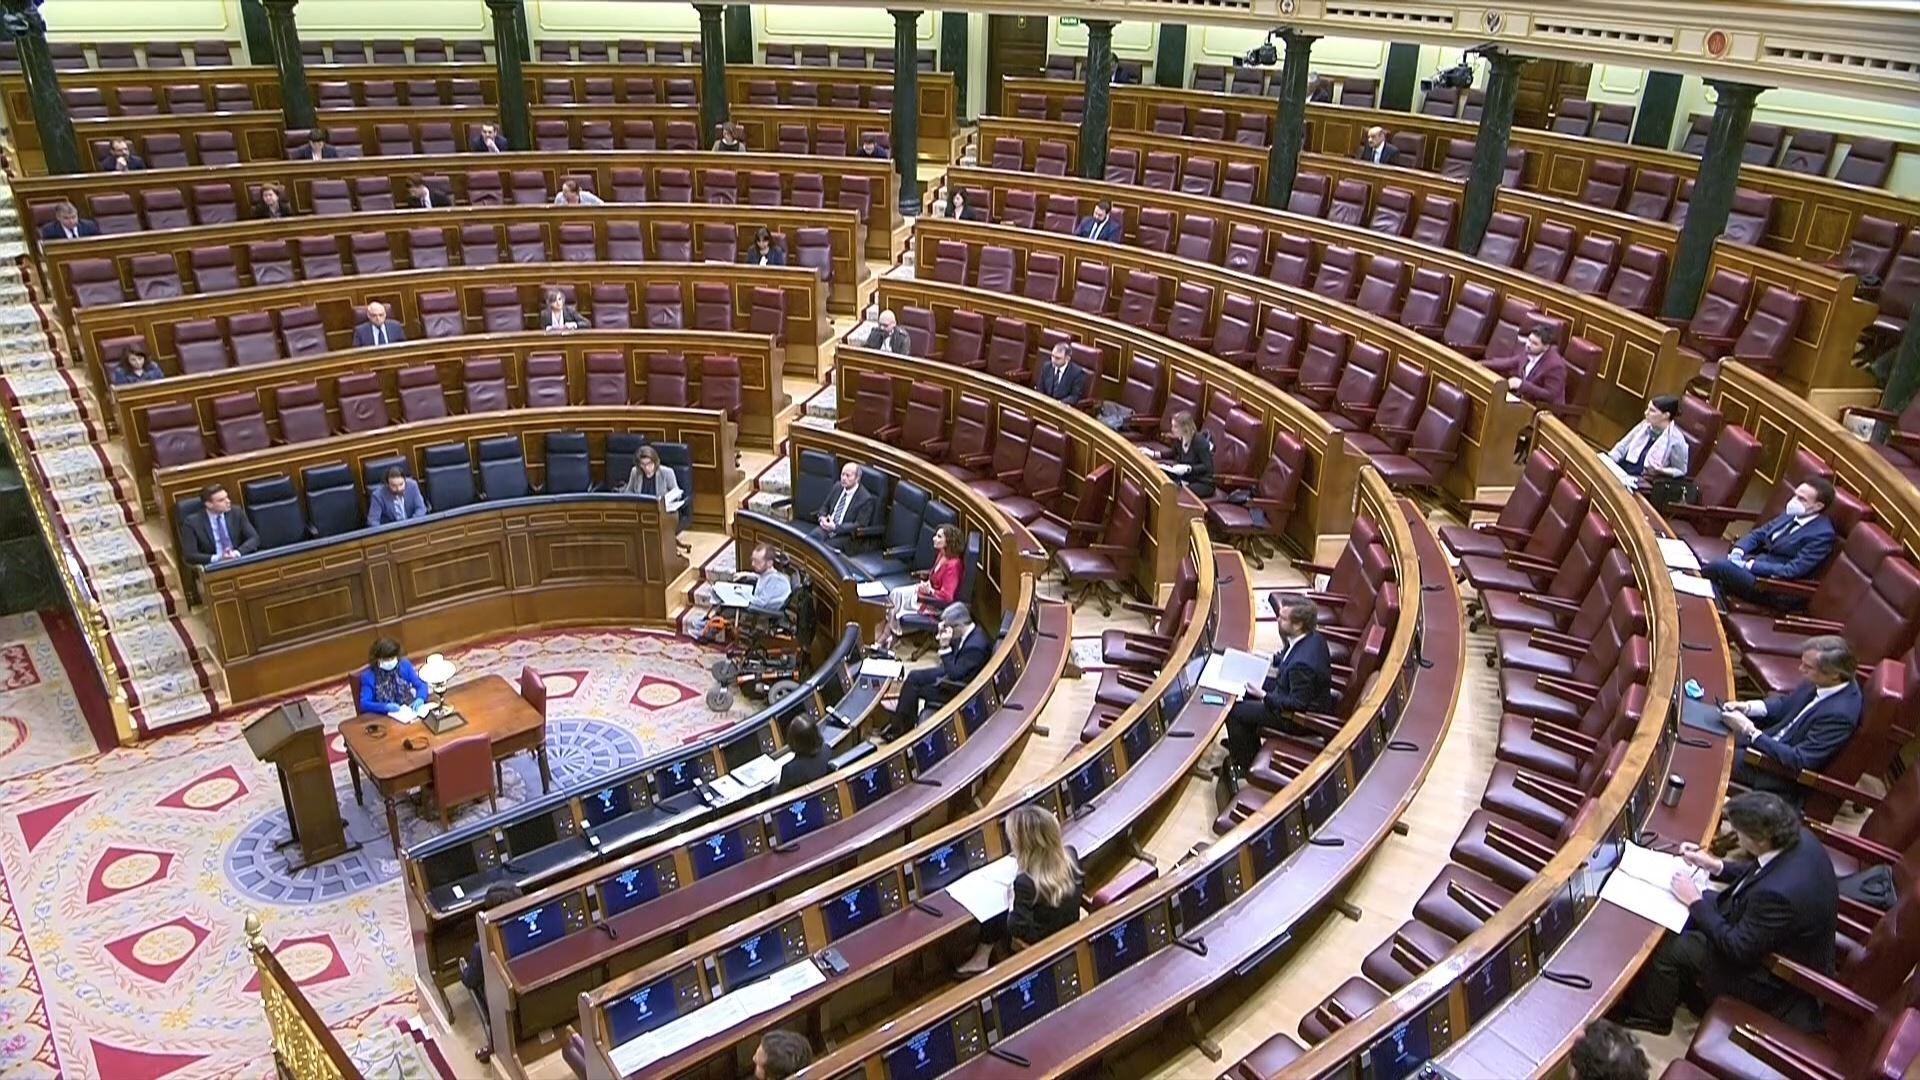 congreso diputados original imagen